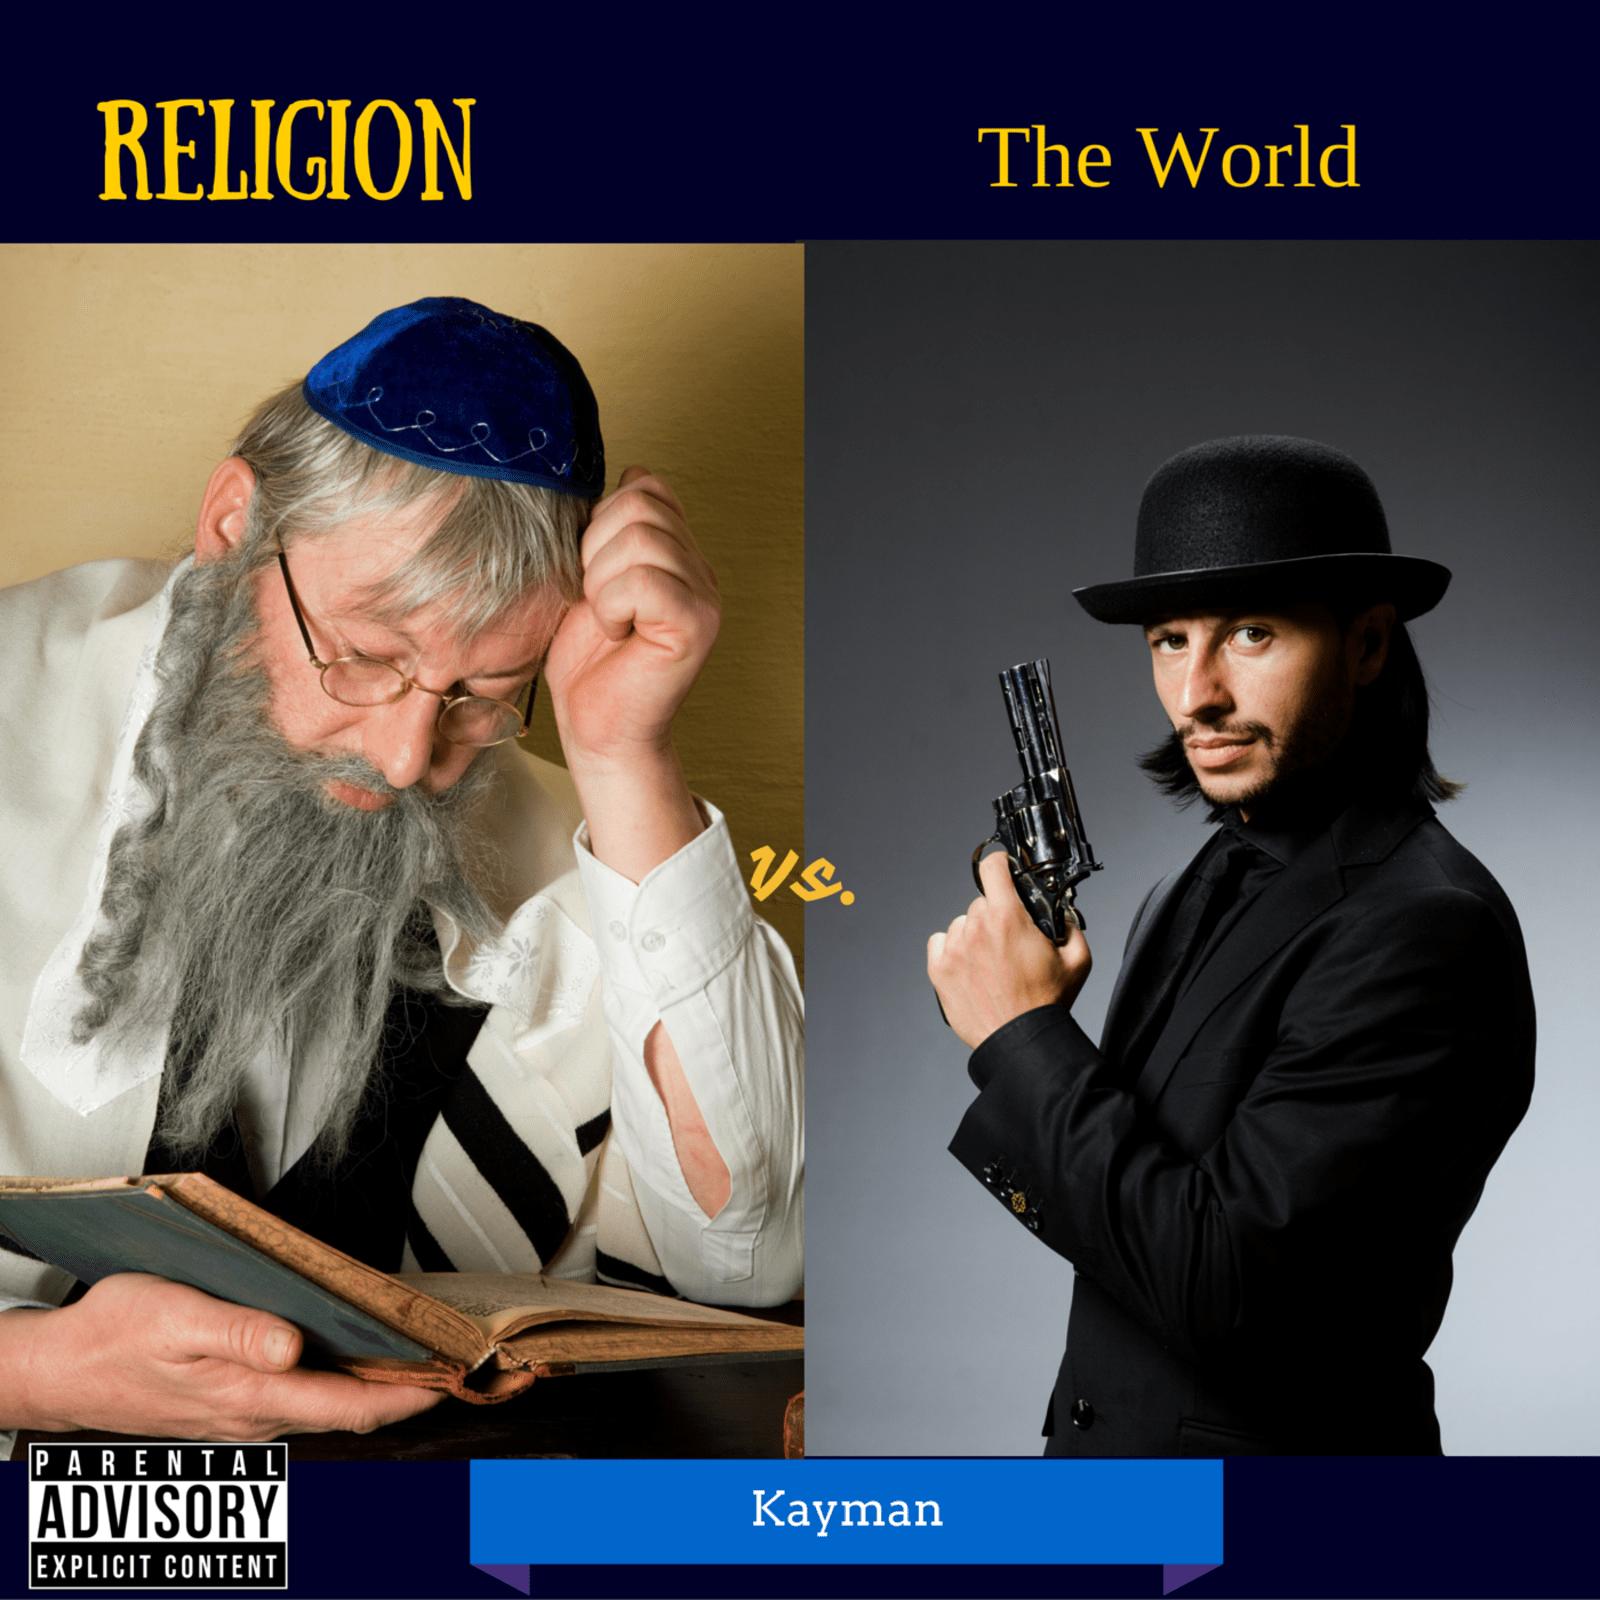 Religion_Vs_converted